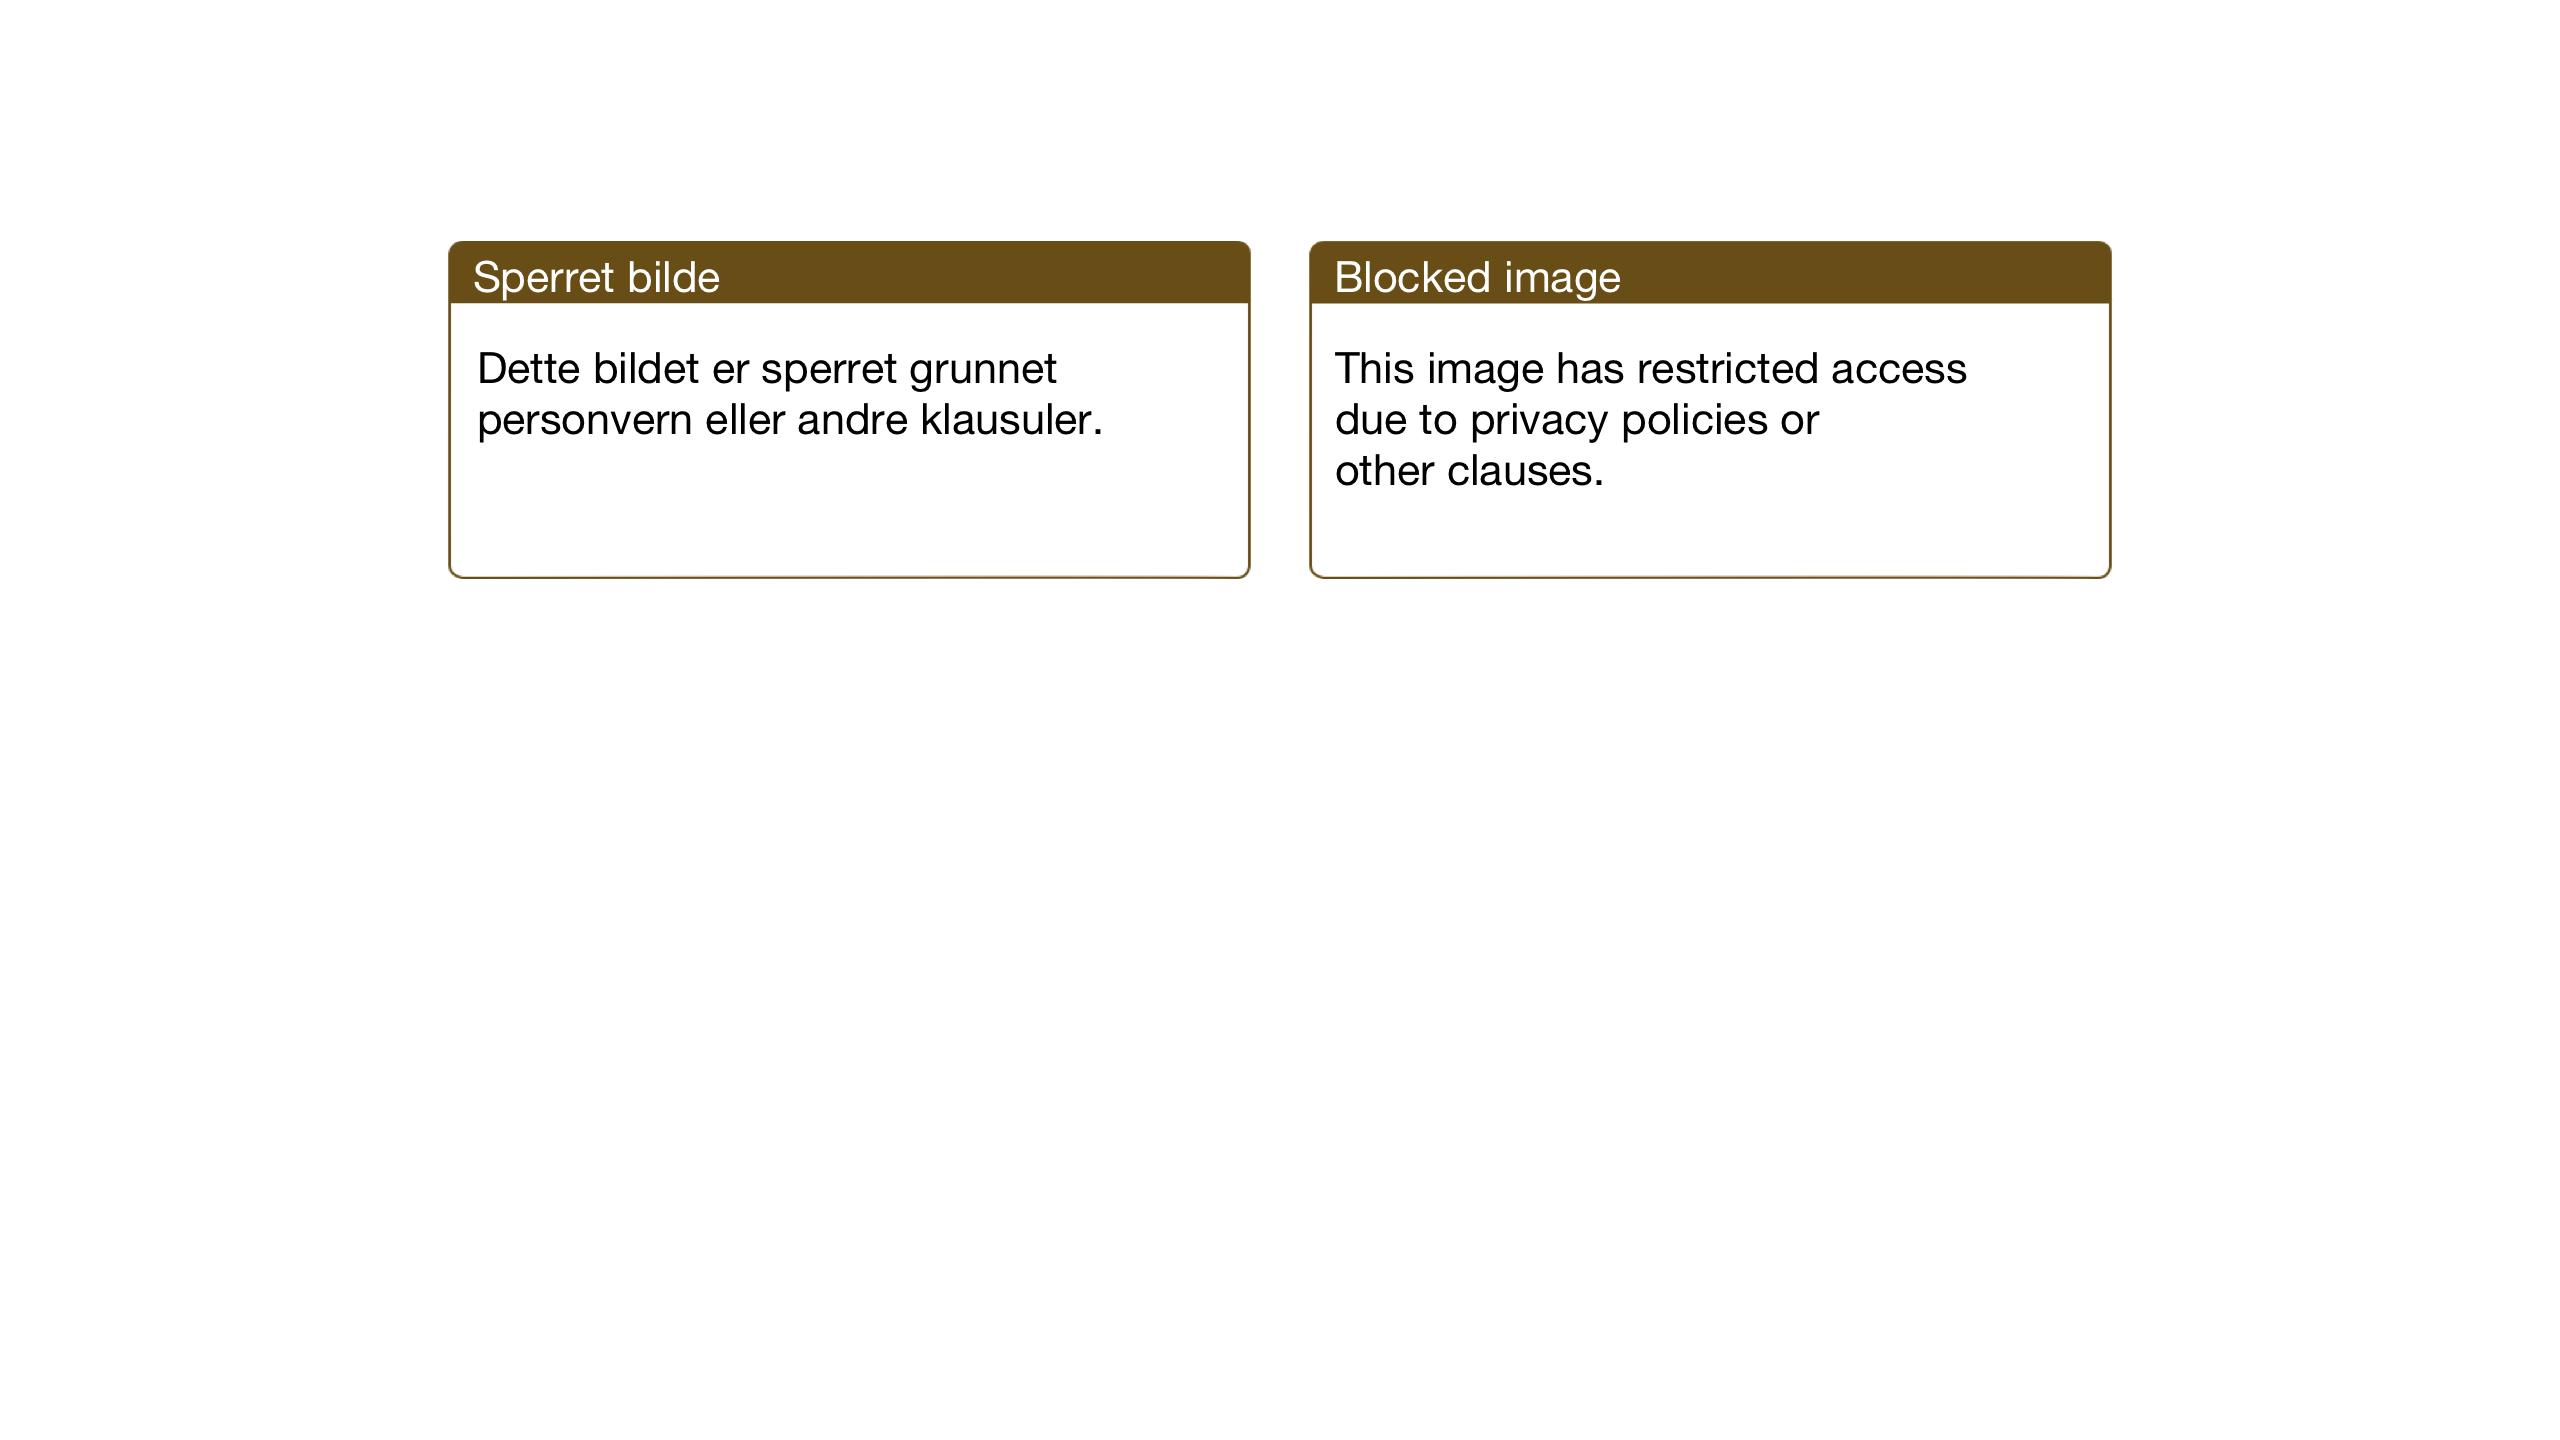 SAT, Ministerialprotokoller, klokkerbøker og fødselsregistre - Sør-Trøndelag, 667/L0799: Klokkerbok nr. 667C04, 1929-1950, s. 41